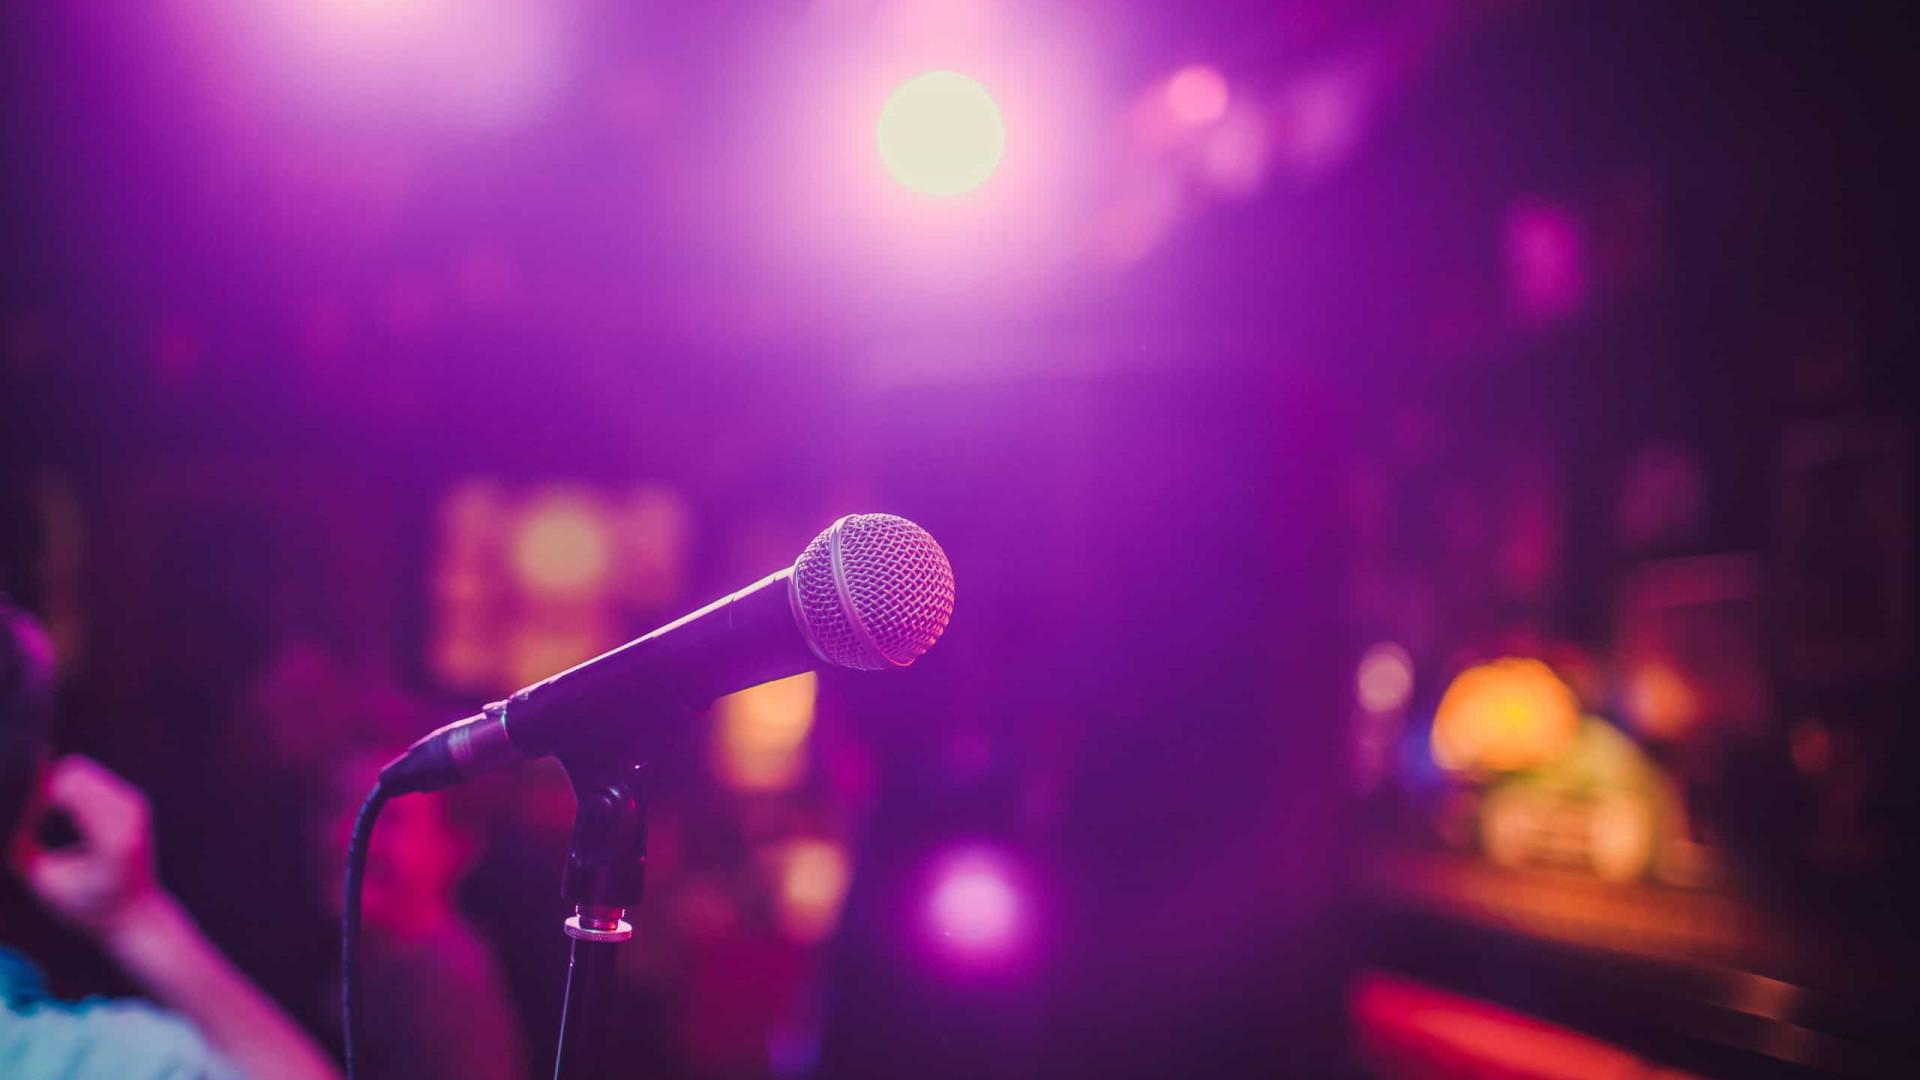 Maratona de karaoke deixou homem com pulmão em colapso